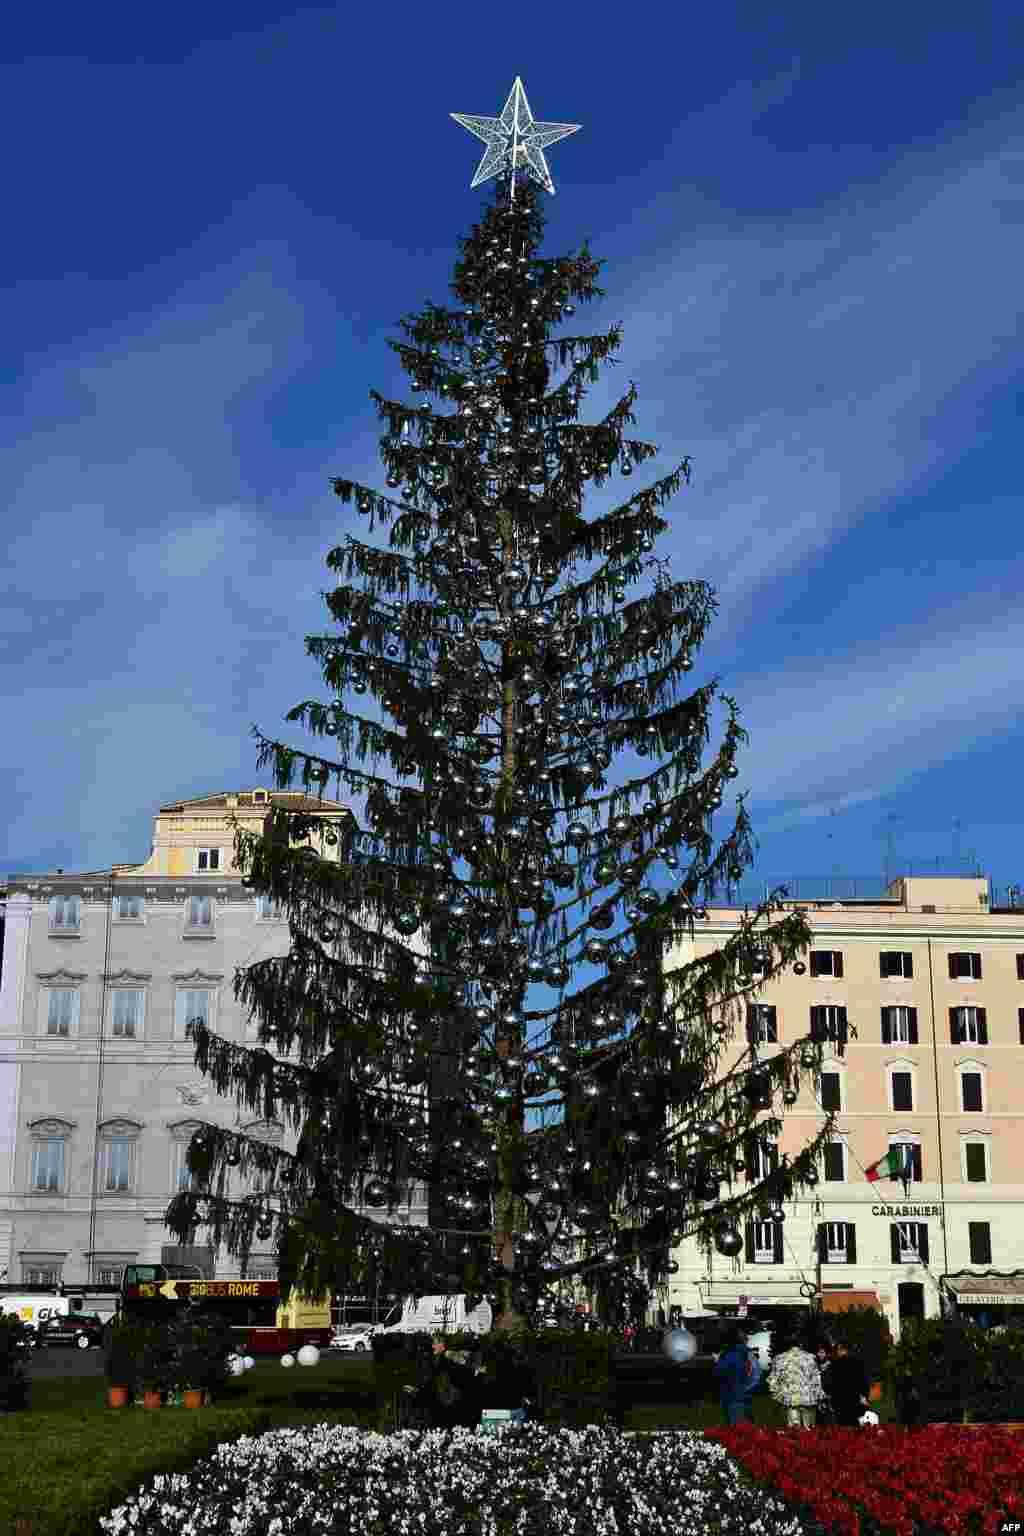 نمایی از درخت کریسمس تزئین شده در رم